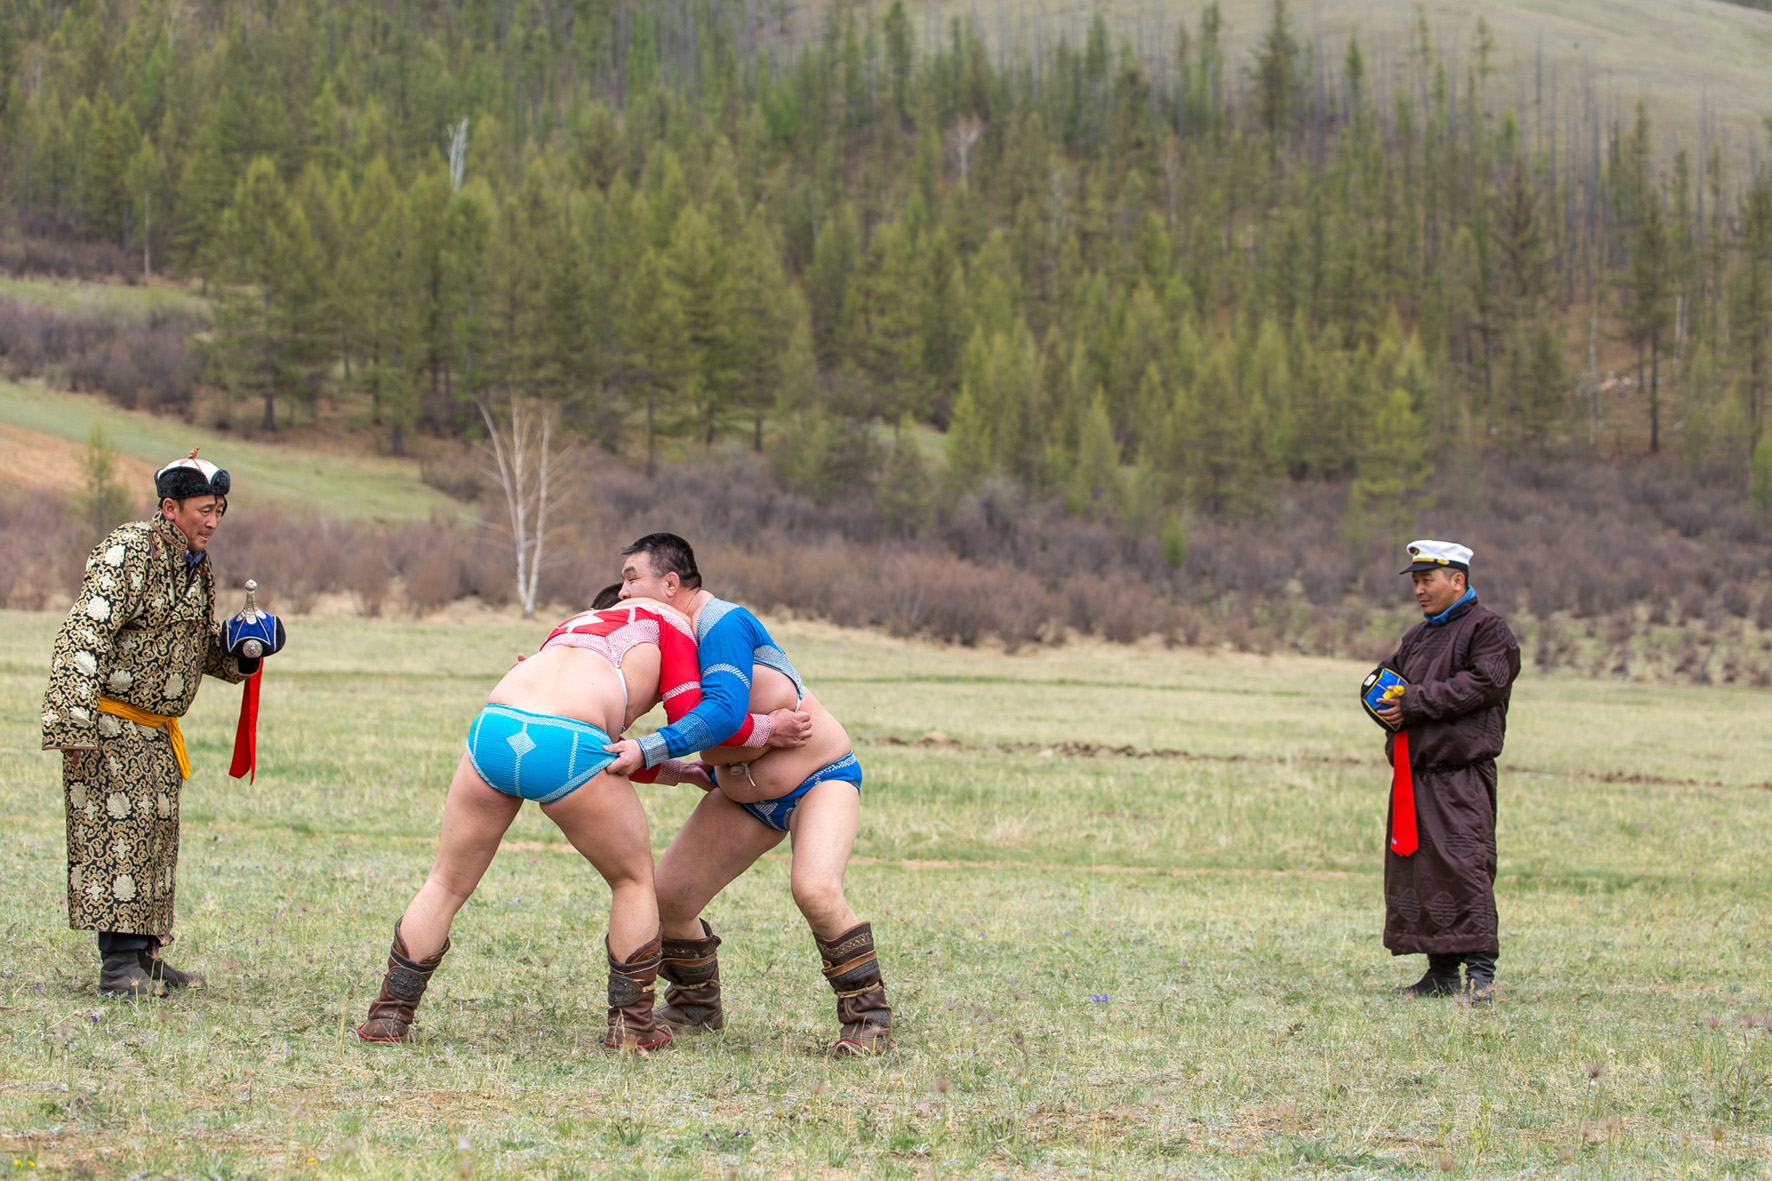 Transsib_mongolischer Ringkampf